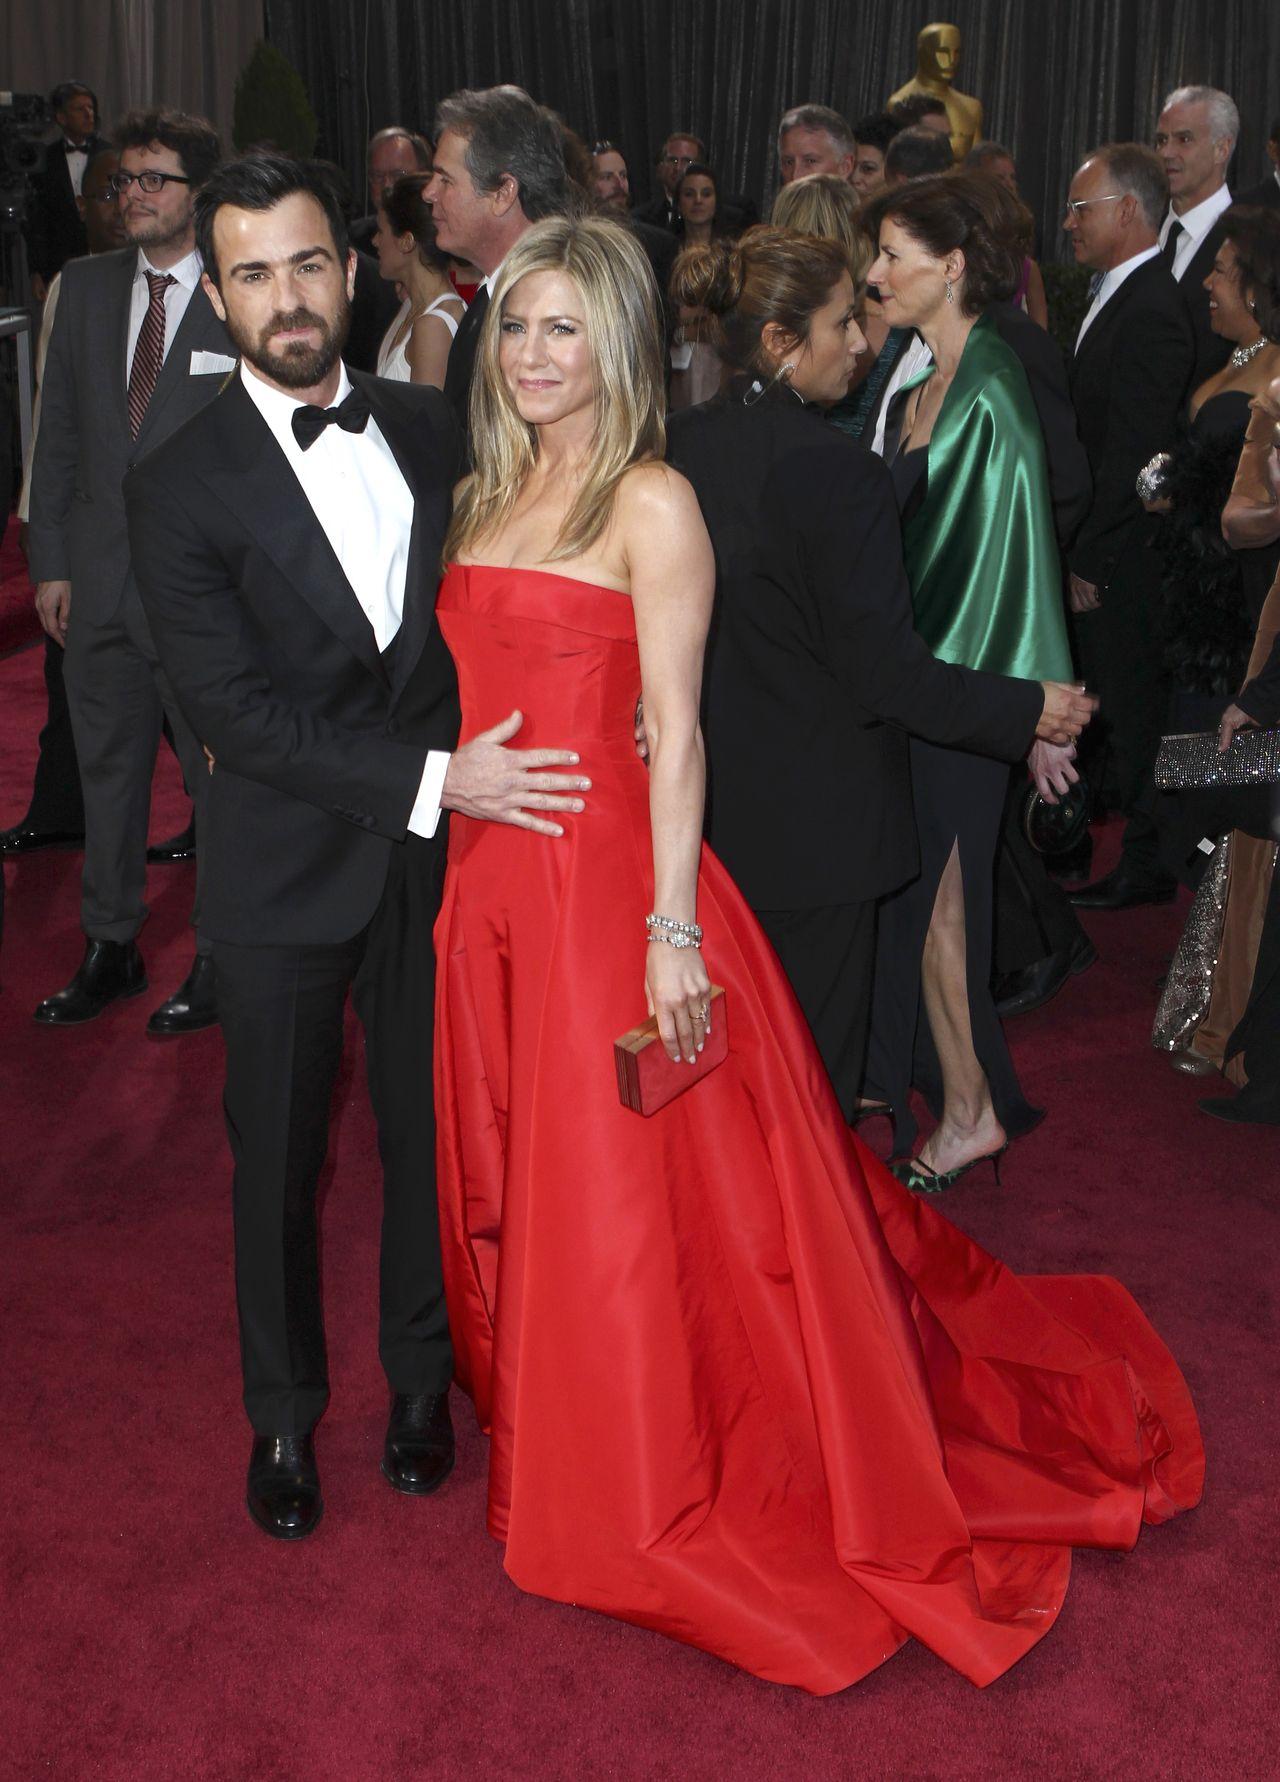 Mocna reakcja Jennifer Aniston na wywiad Therouxa. Jest w ROZTERCE!